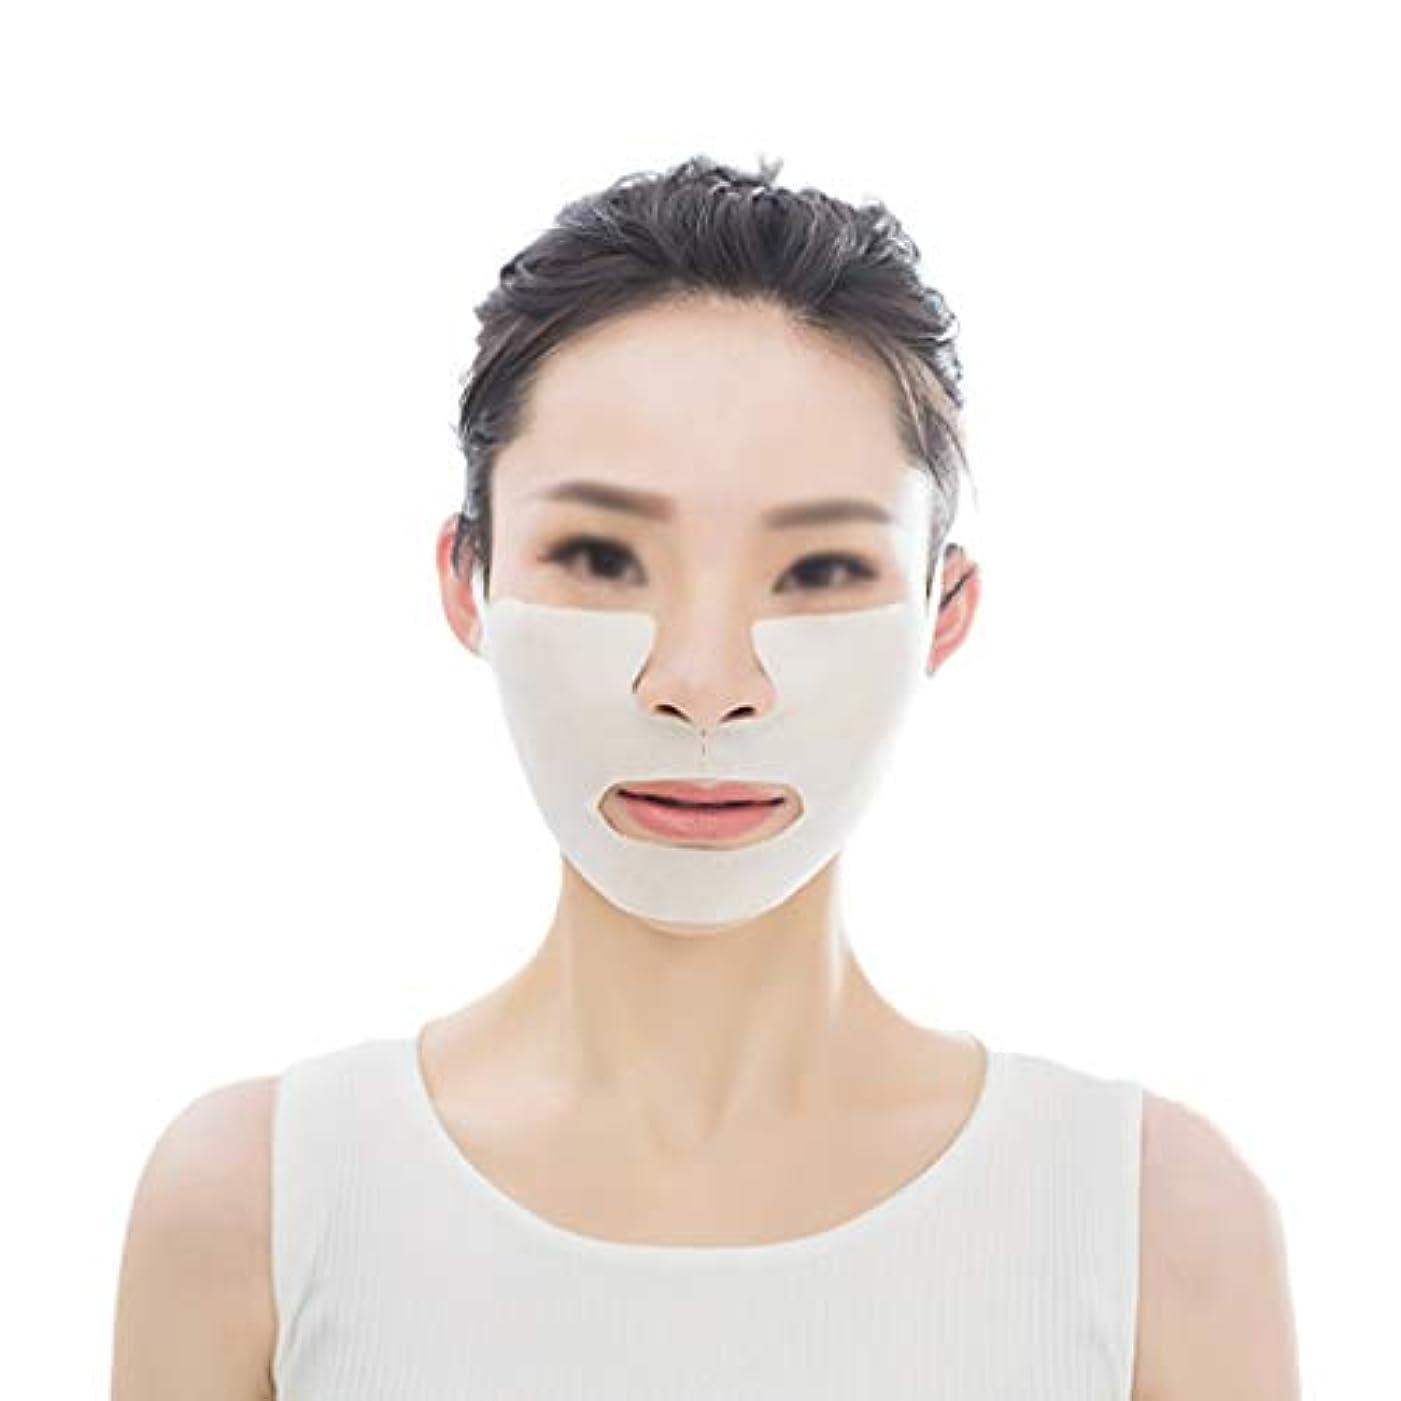 公使館本レビュアーフェイシャルスリミング、薄いフェイスマスク、下顎咬筋のあごを改善してフェイシャルラインを形成する、5箱、フェイスマスクの3箱